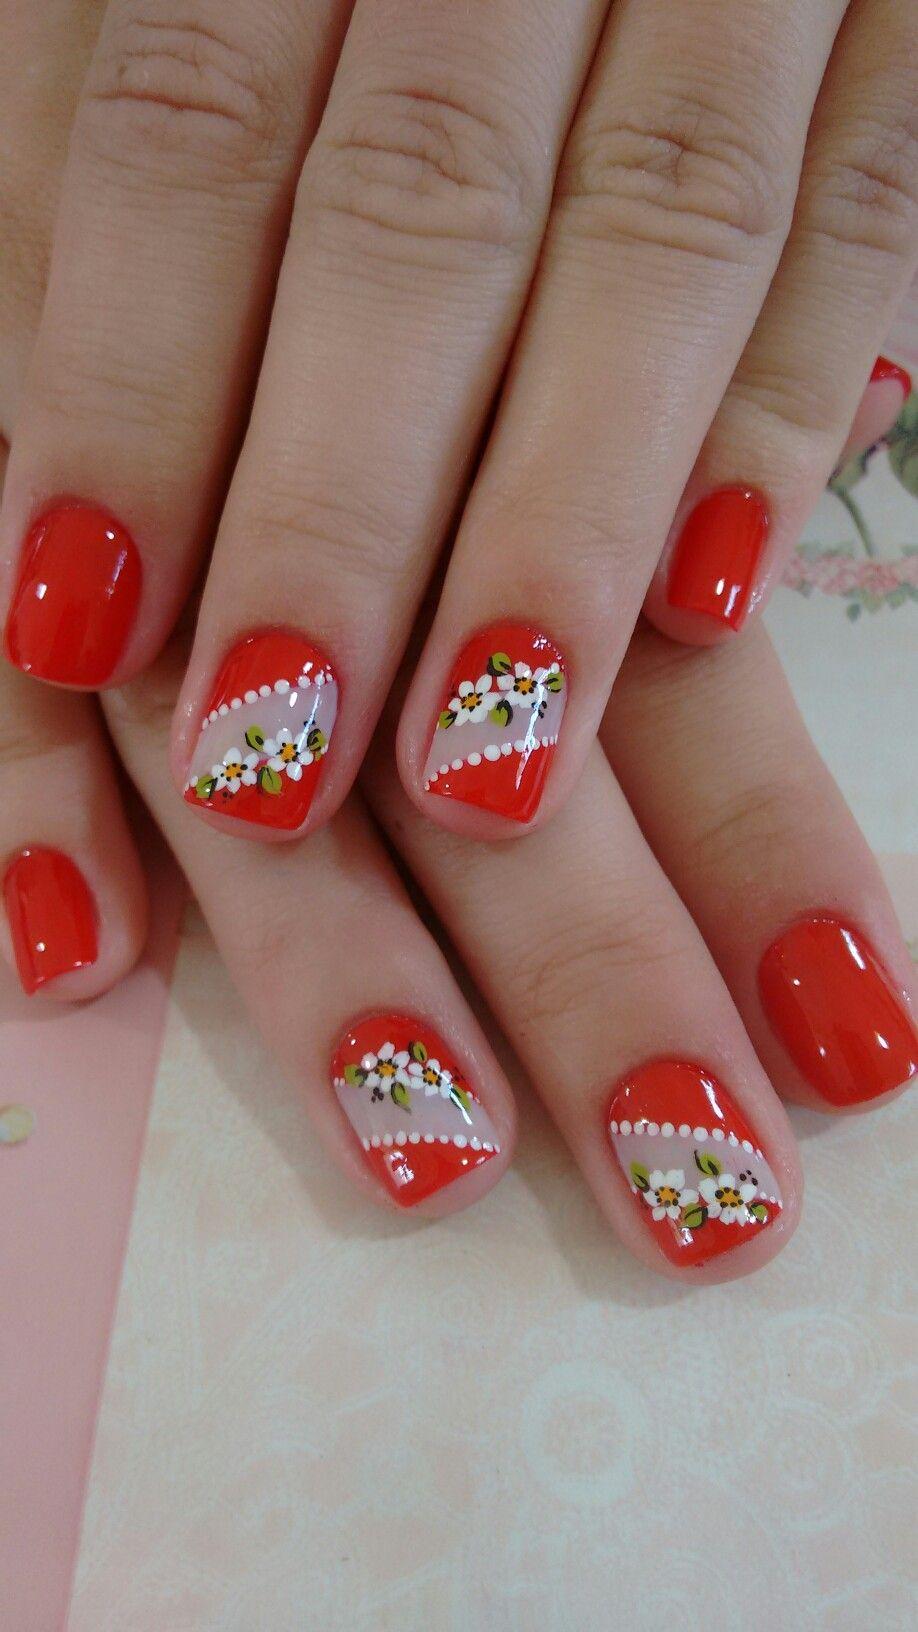 Pin de Emperatriz Quijije en modelos de uñas de manos | Pinterest ...